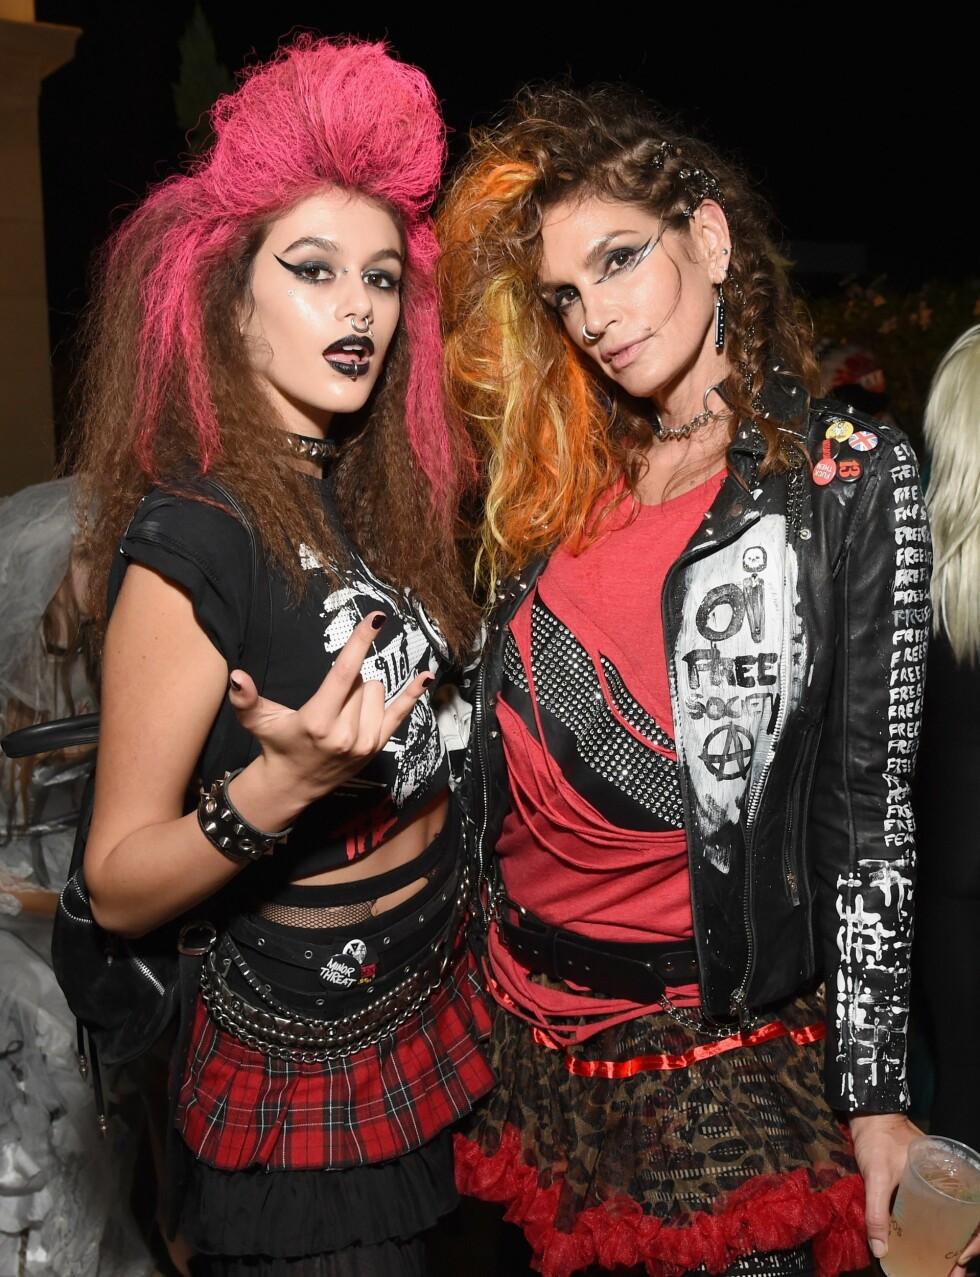 HALLOWEEN 2016: Kaia Gerber og moren Cindy Crawford utkledd som punkere. Foto: Afp